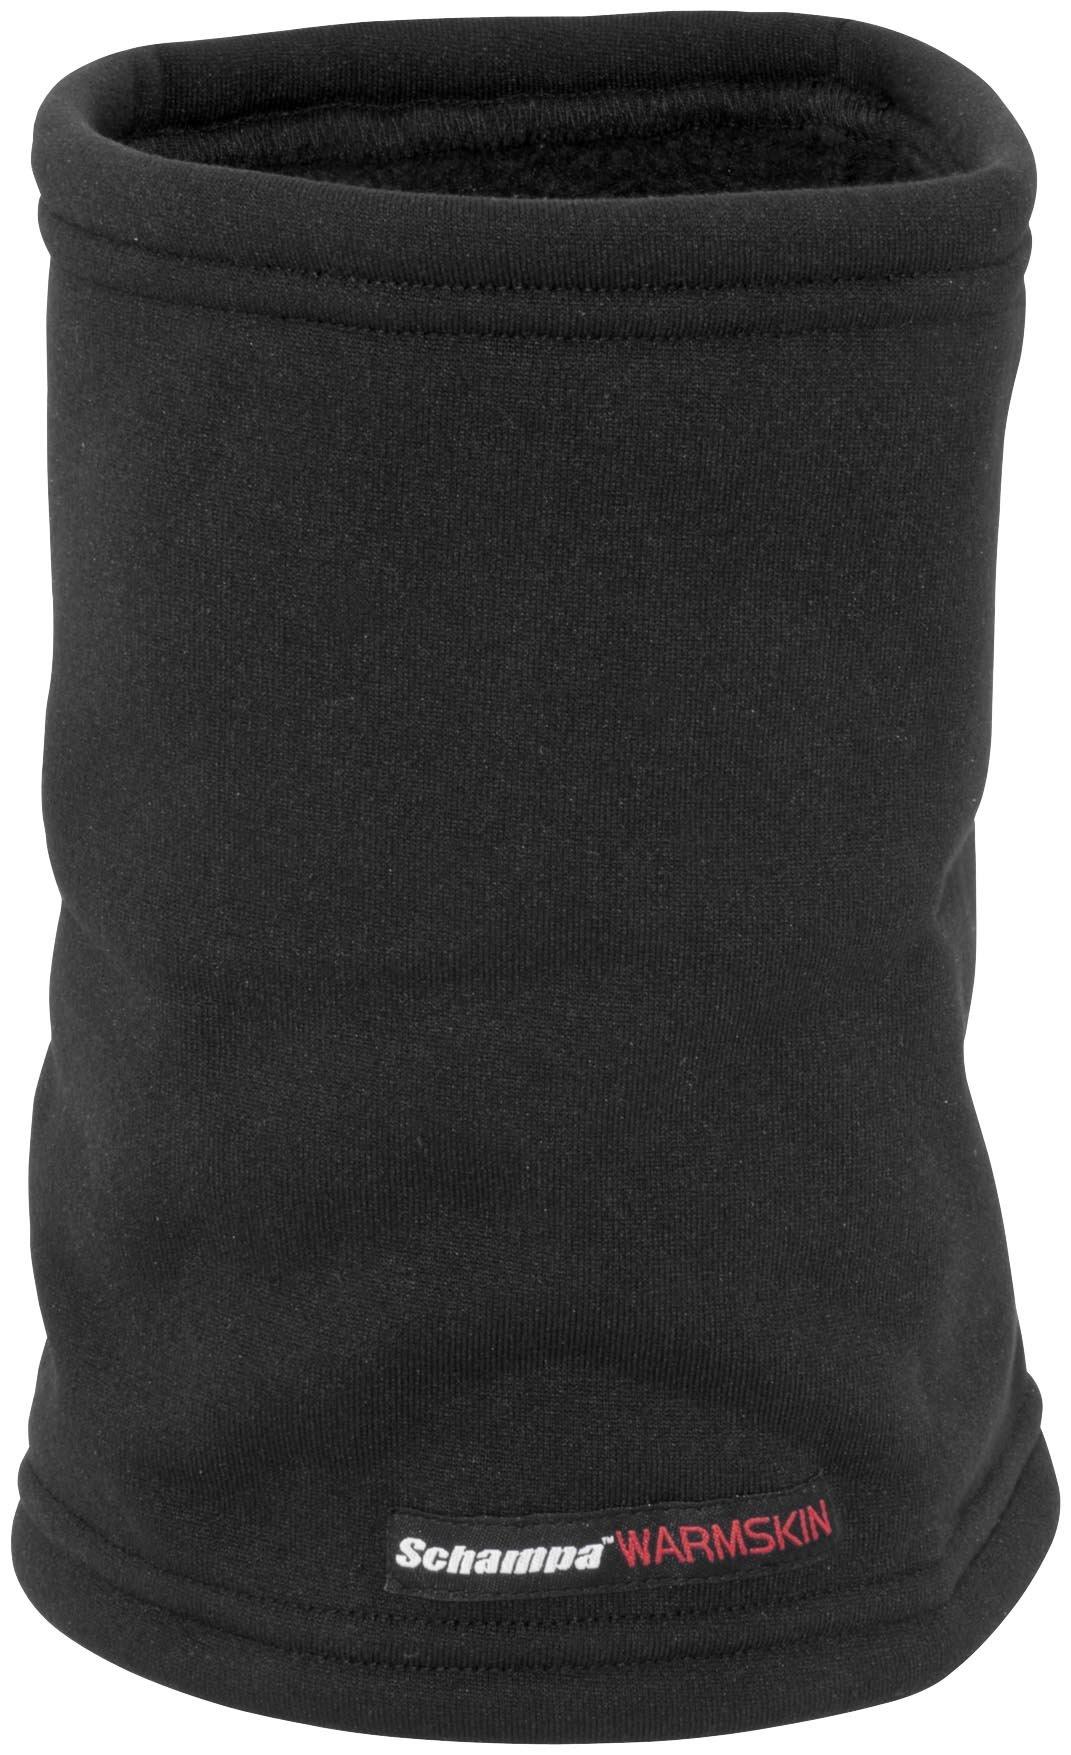 Schampa Warmskin Neck Gaiter , Size: OSFM, Primary Color: Black, Gender: Mens/Unisex NG006